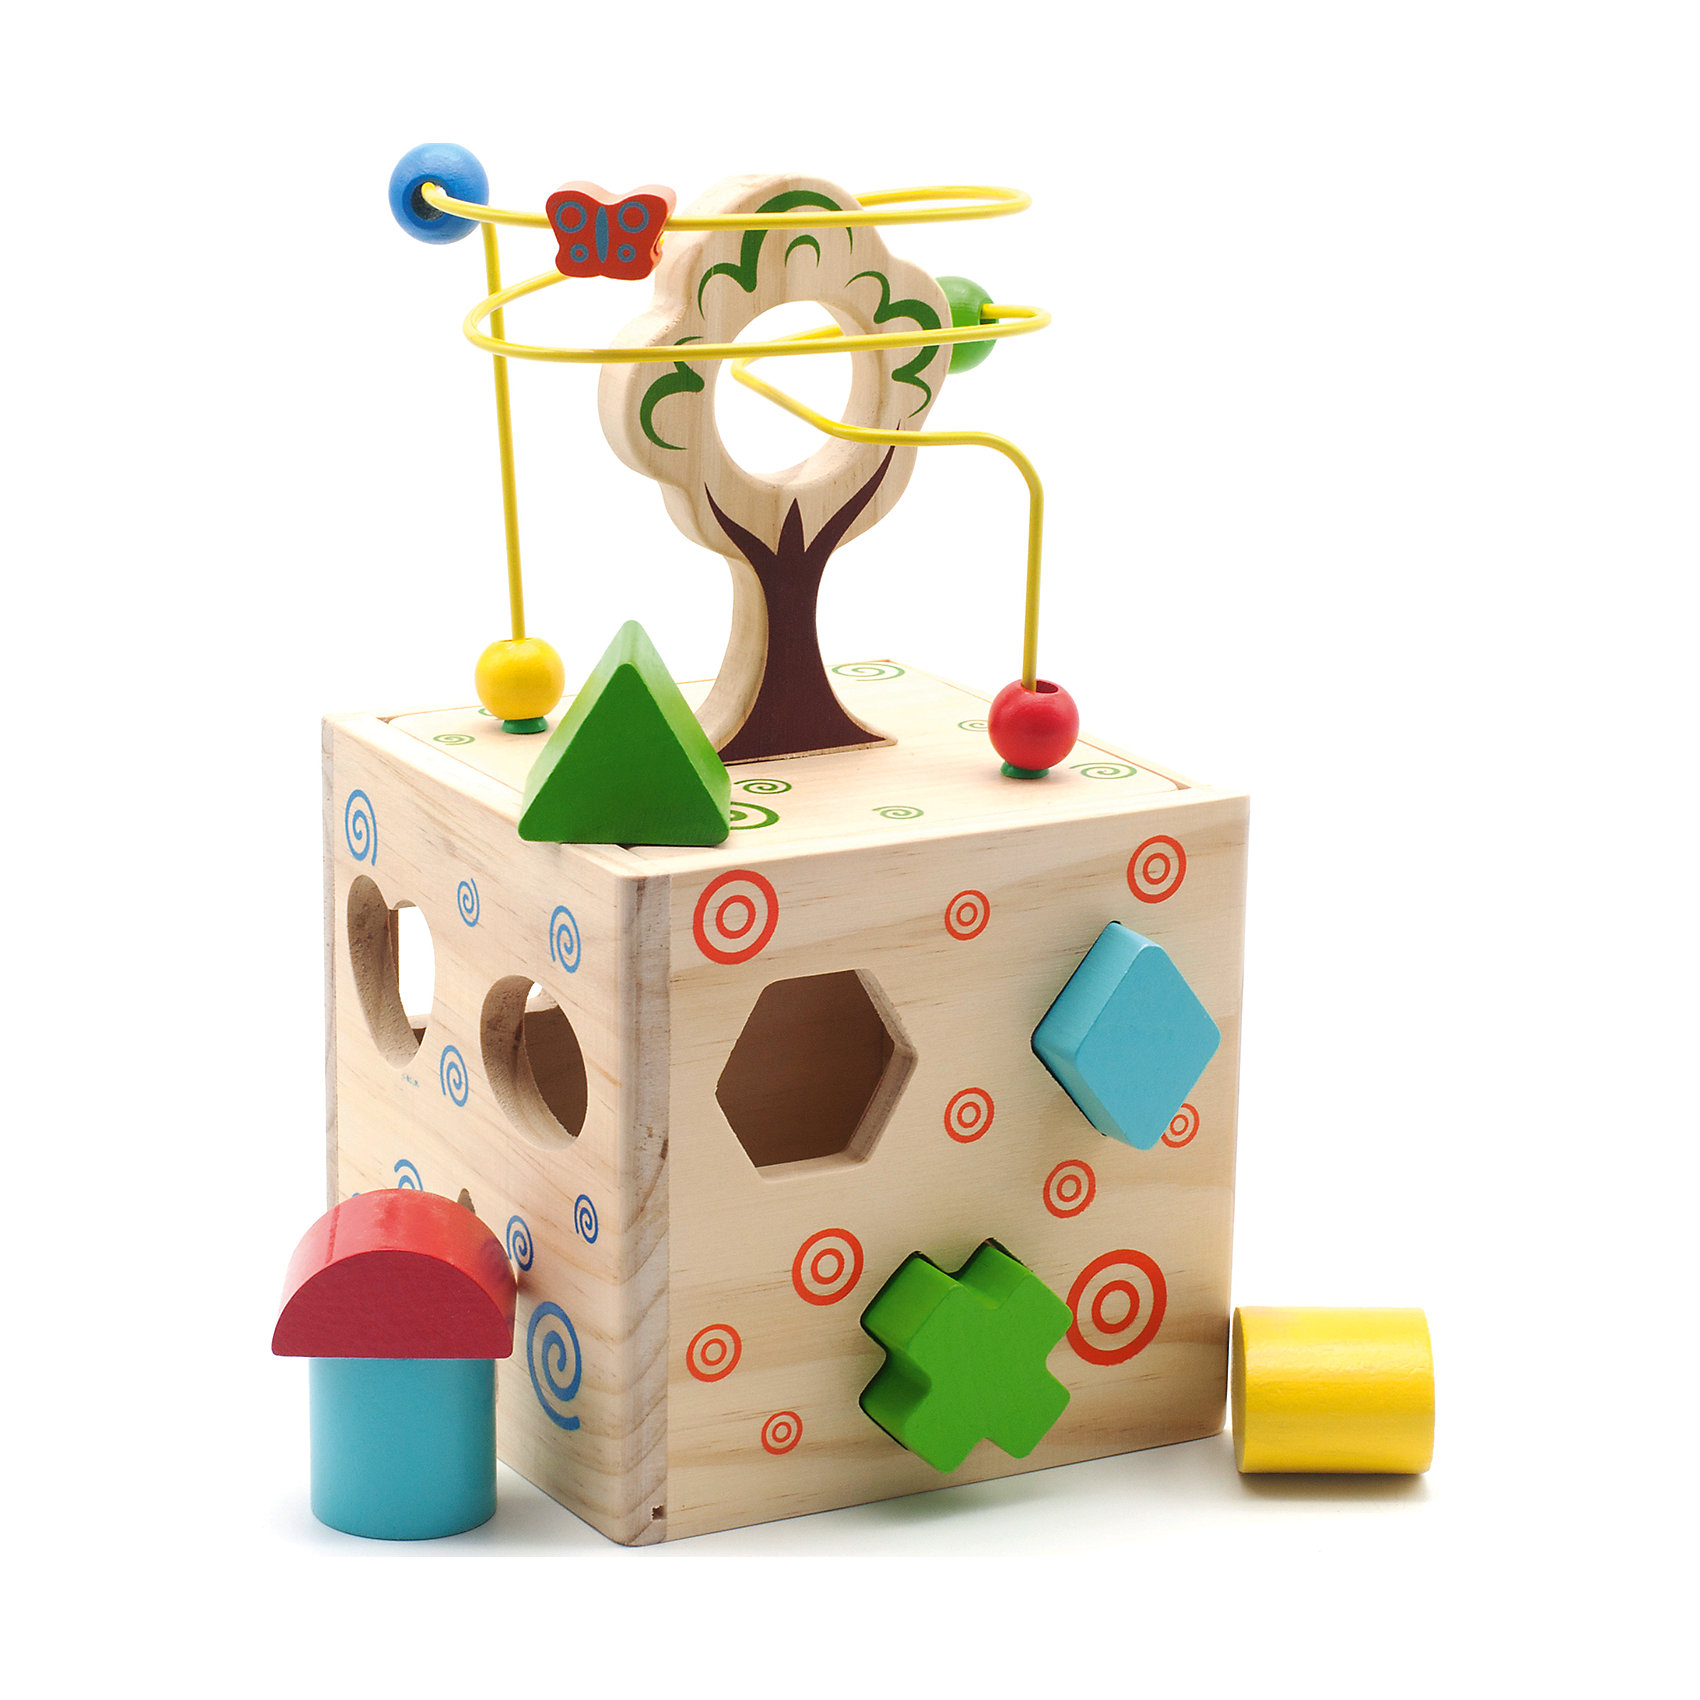 Логический кубик, МДИМДИ (Мир деревянных игрушек)<br>Характеристики товара:<br><br>- цвет: разноцветный;<br>- материал: дерево;<br>- особенности: помогает развитию важных навыков;<br>- комплектация: кубик и фигуры;<br>- размер: 14х14х14 см;<br>- вес: 700 г.<br><br>Развивать навыки ребенка можно в любом возрасте! Эта обучающая игрушка поможет малышу в игровой форме научиться многому. Игрушка очень качественно выполнена, поэтому она станет отличным подарком ребенку. Она состоит из кубика-сортера и фигур. Такое изделие отлично тренирует у ребенка разные навыки. Играя с ней, малыш осваивает счет, развивает мелкую моторику, цветовосприятие, внимание, воображение и творческое мышление.<br>Изделие произведено из высококачественного материала, безопасного для детей.<br><br>Логический кубик от бренда Мир деревянных игрушек можно купить в нашем интернет-магазине.<br><br>Ширина мм: 16<br>Глубина мм: 16<br>Высота мм: 28<br>Вес г: 698<br>Возраст от месяцев: 36<br>Возраст до месяцев: 2147483647<br>Пол: Унисекс<br>Возраст: Детский<br>SKU: 5048947